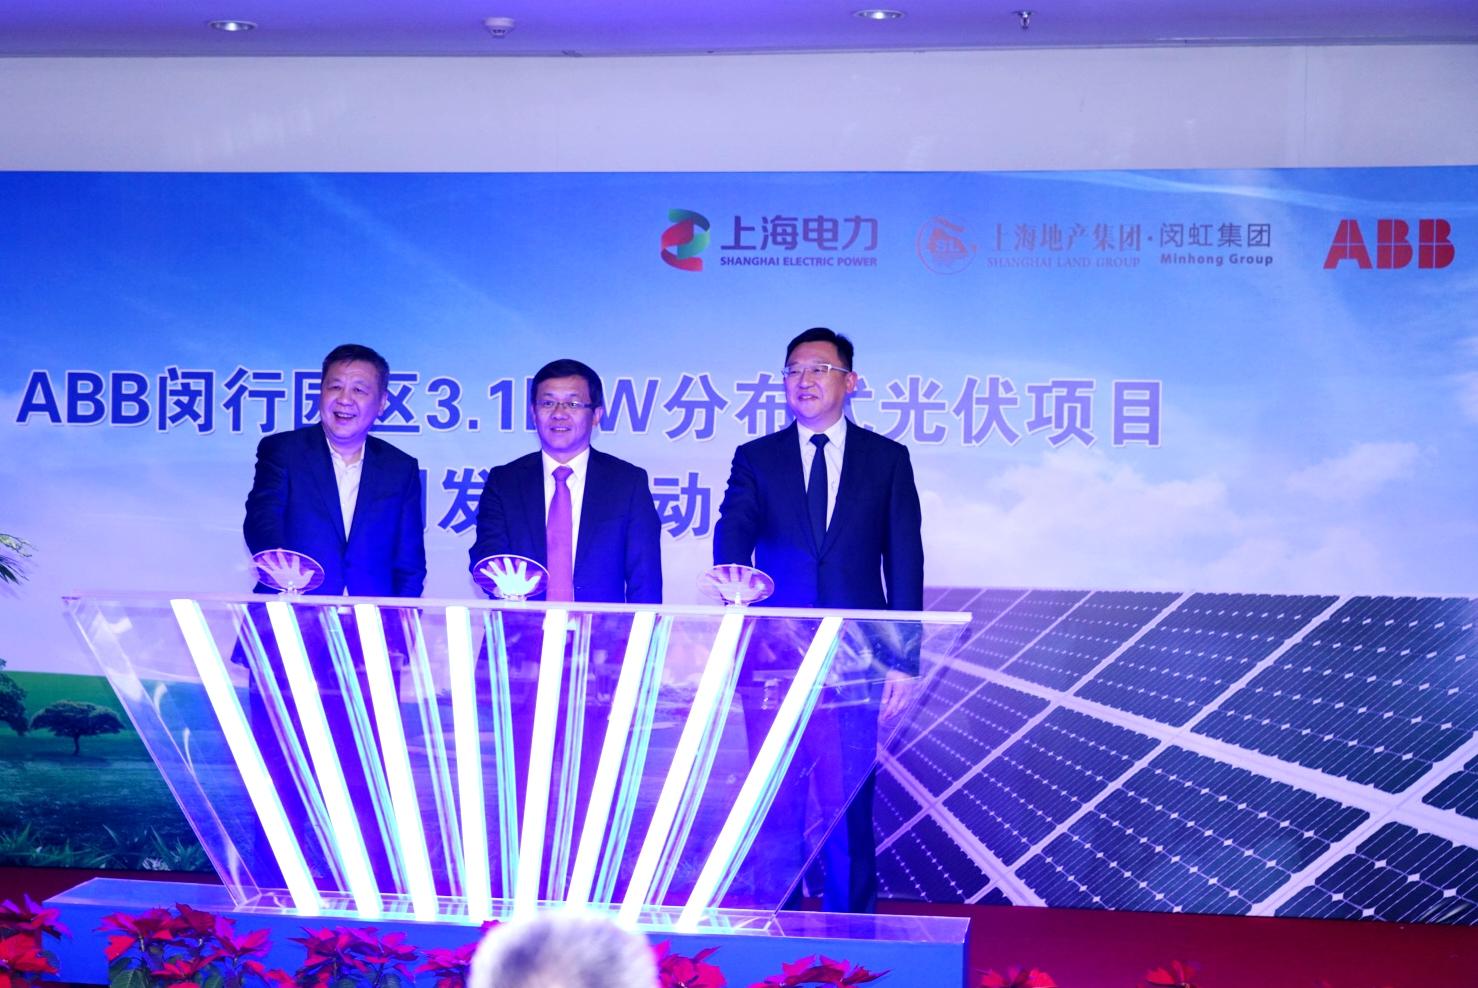 ABB电机园区3.1兆瓦分布式光伏绿色能源项目并网发电启动仪式